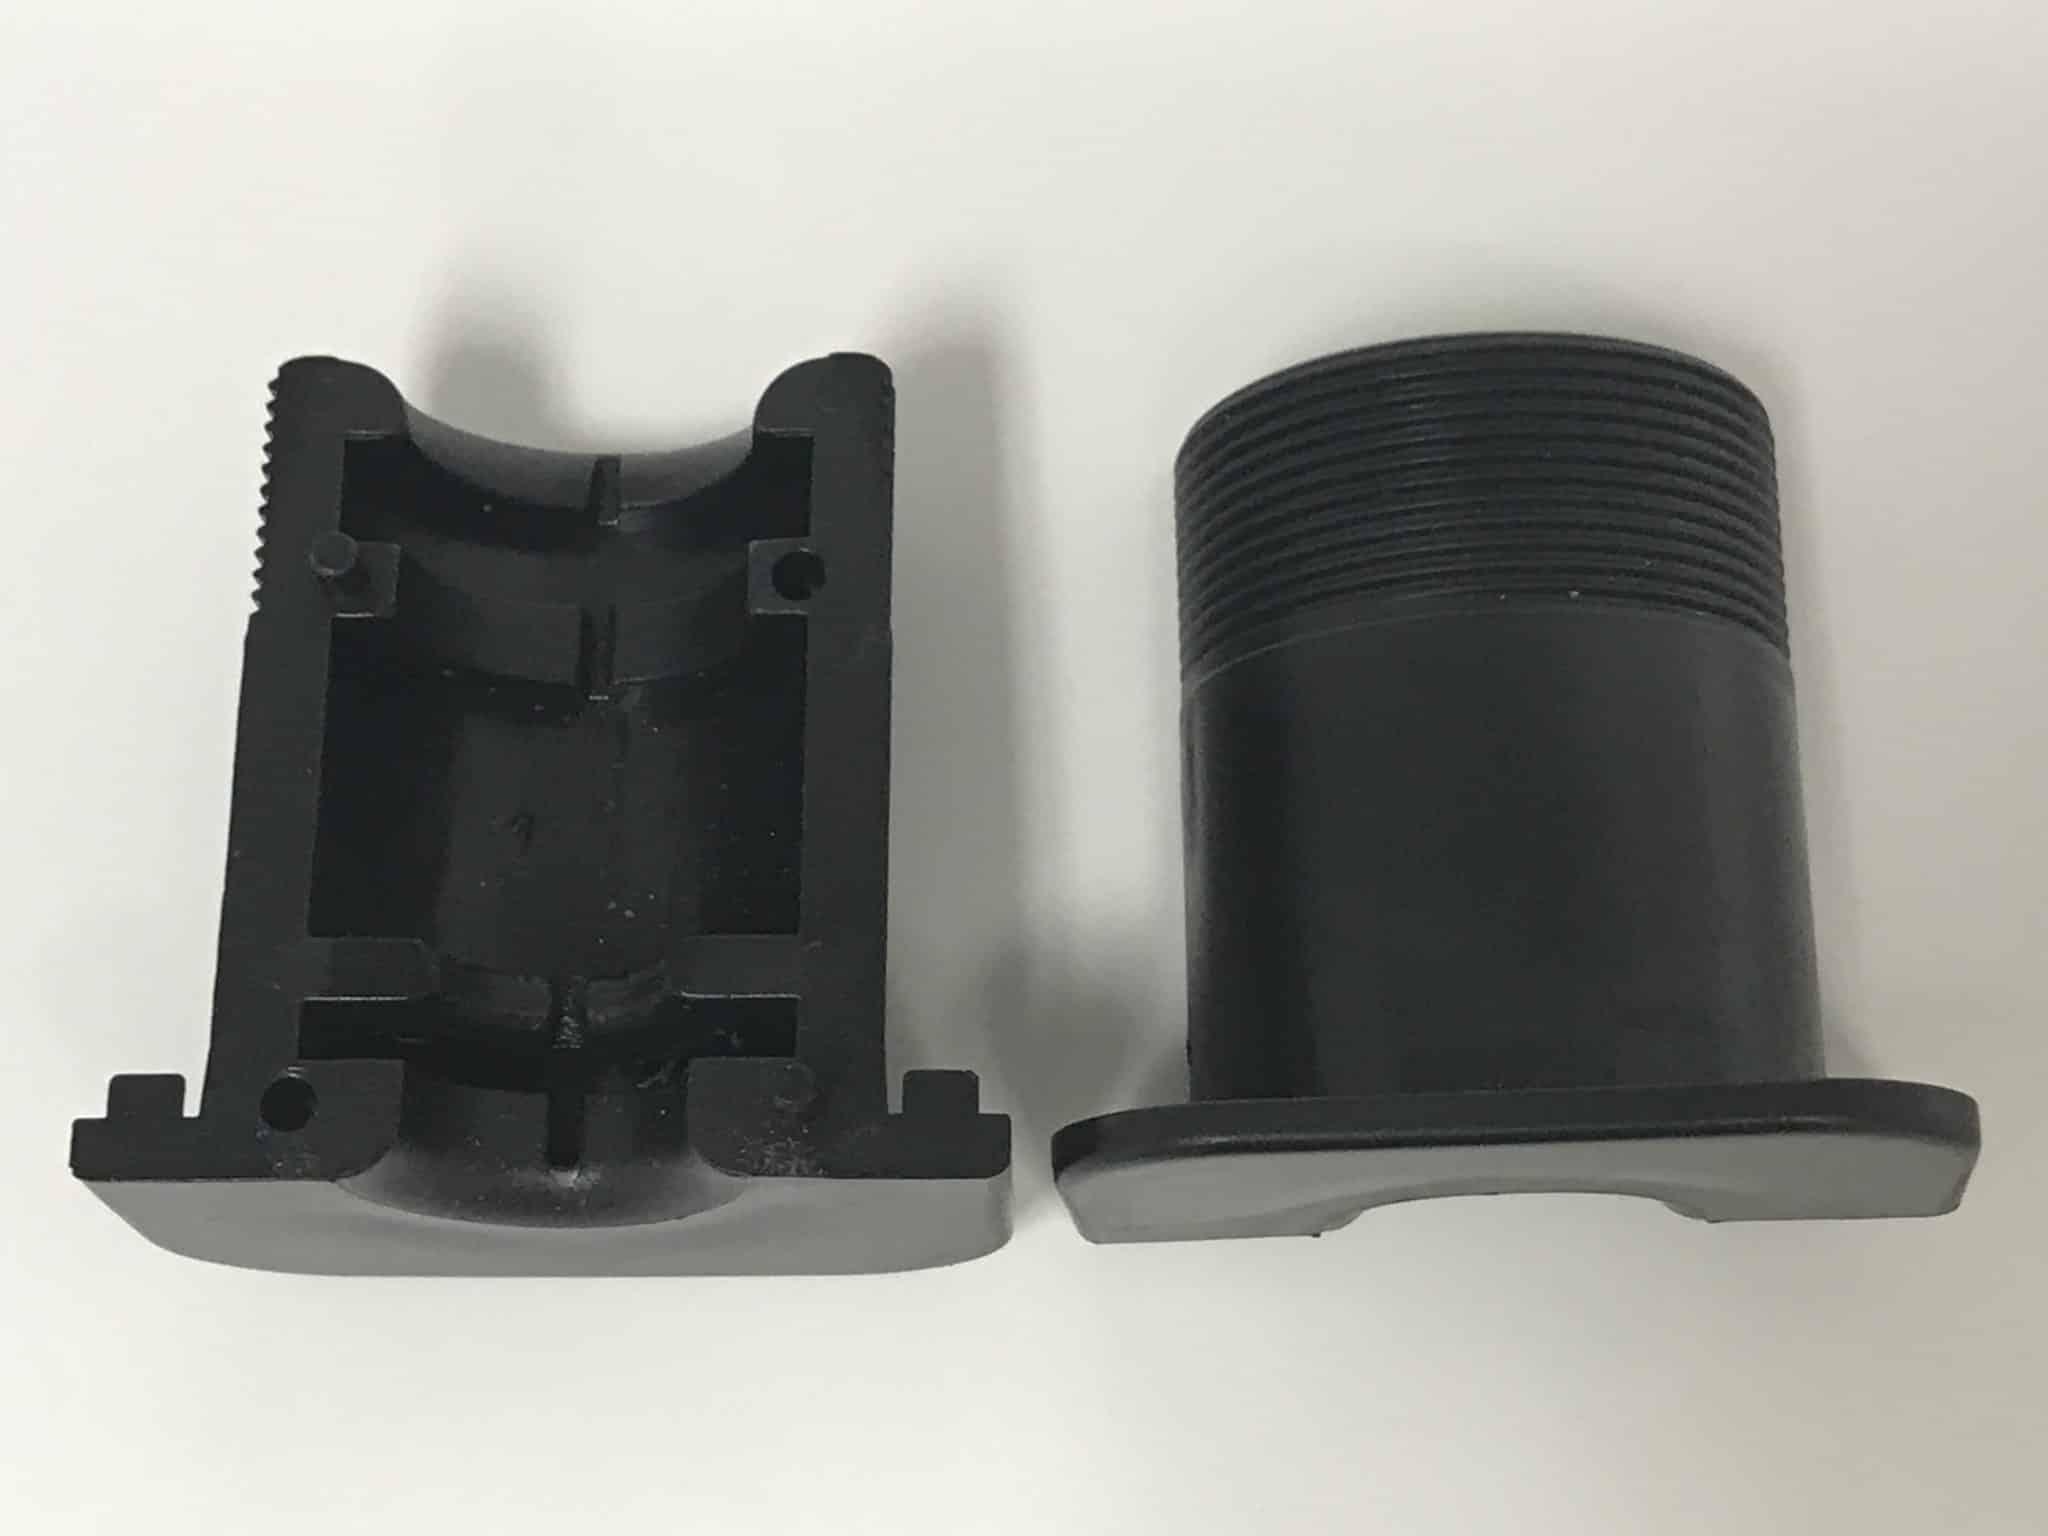 Assembly video for split bearings